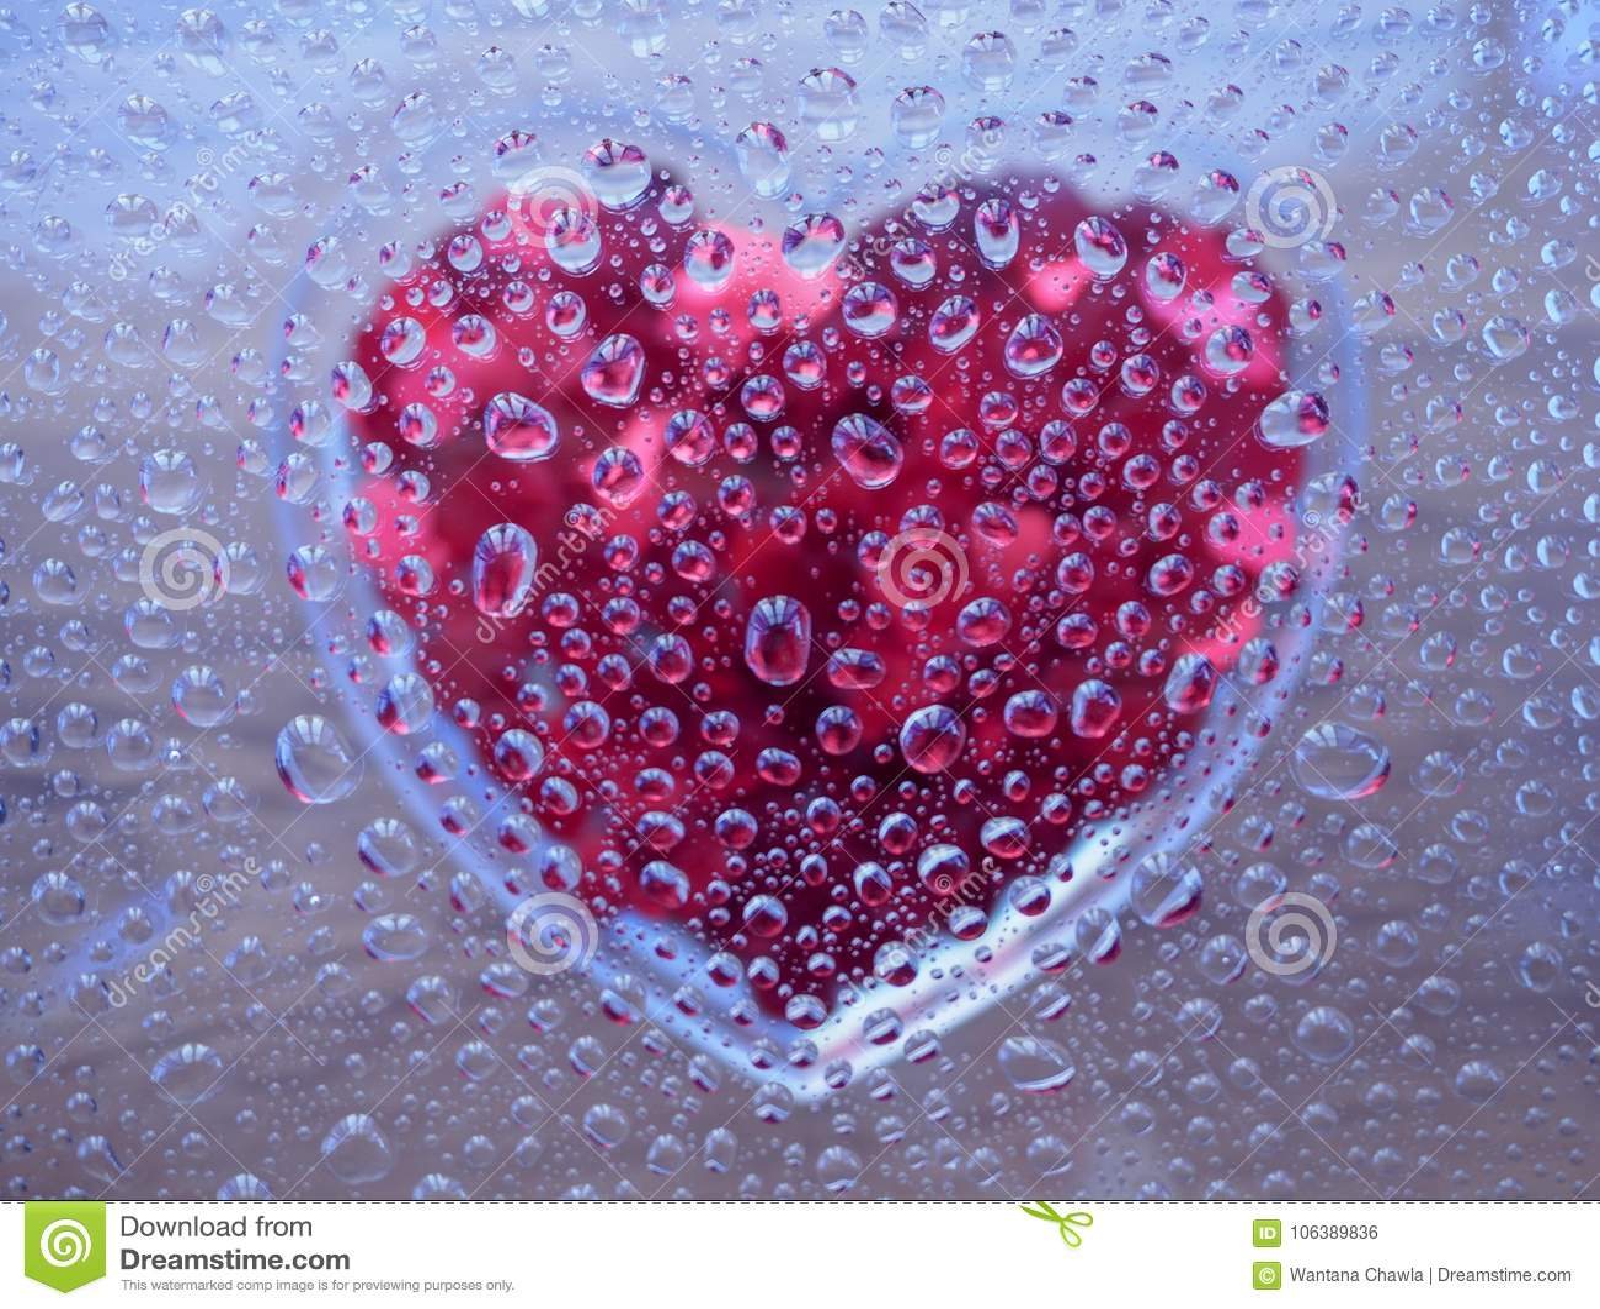 Vattensmå droppar med hjärta under